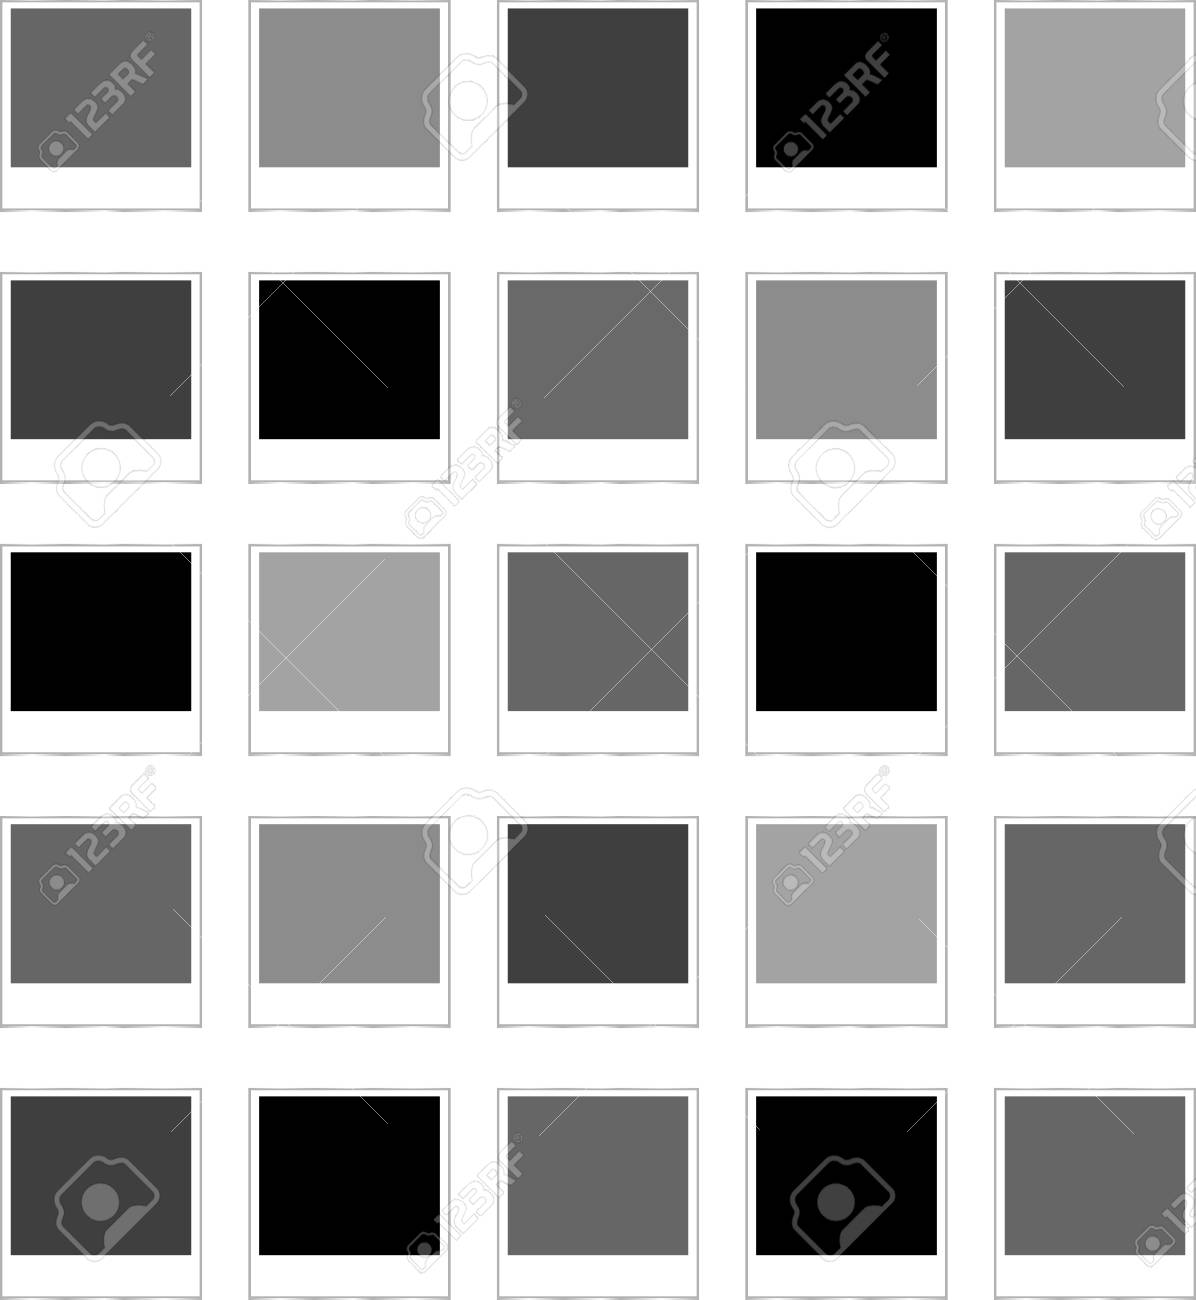 Polaroid Bilderrahmen Auf Weißem Hintergrund Lizenzfreie Fotos ...